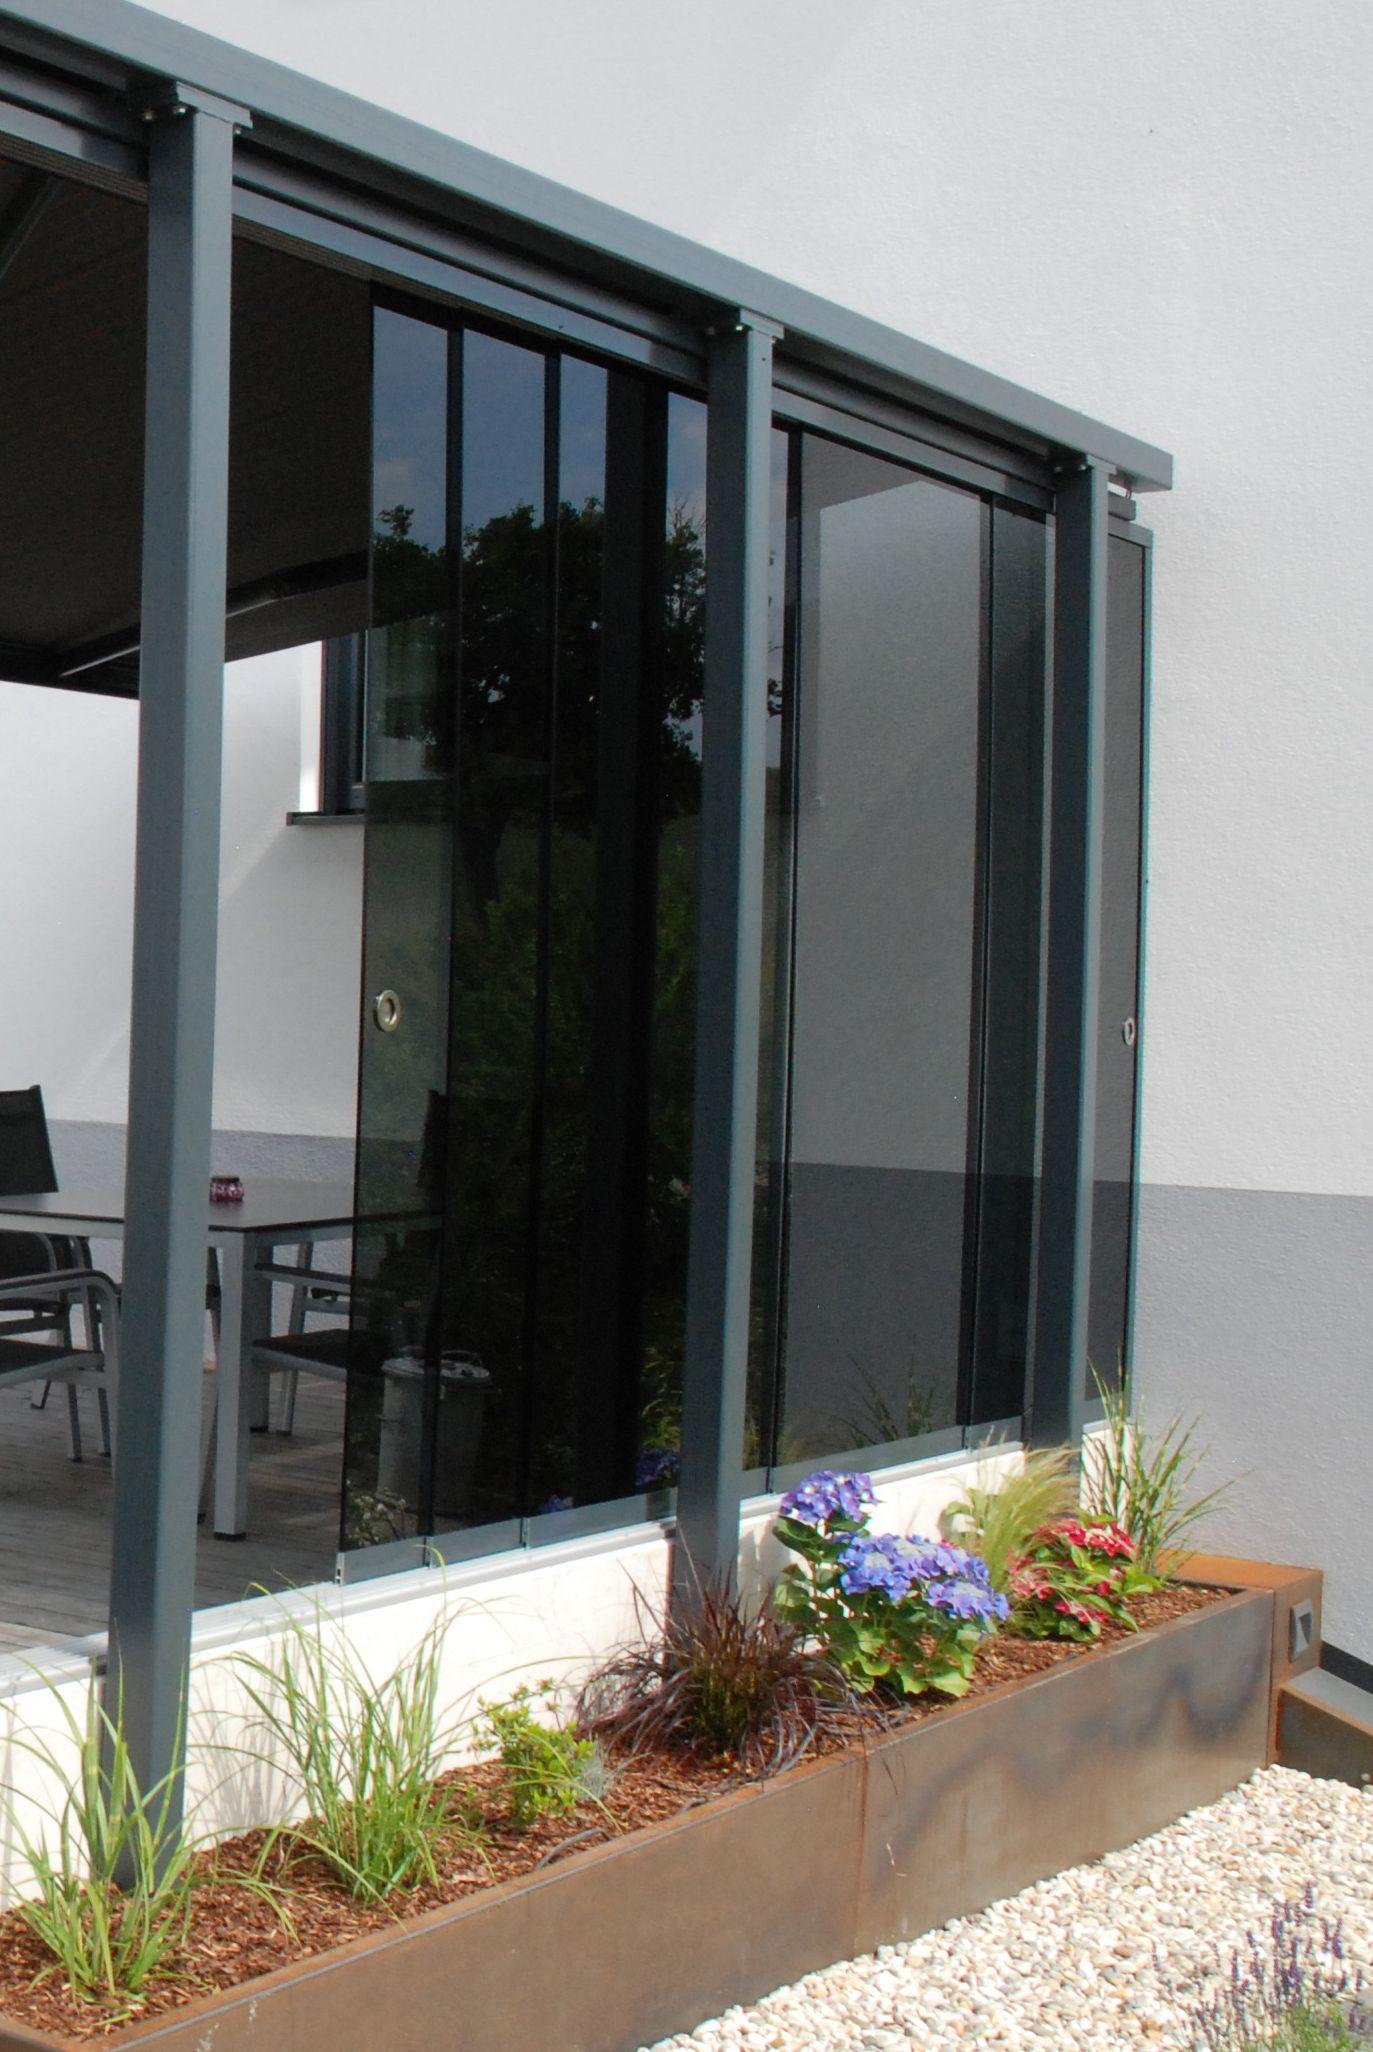 Freistehender Windschutz Mit Glasschiebewand Fur Terrasse In